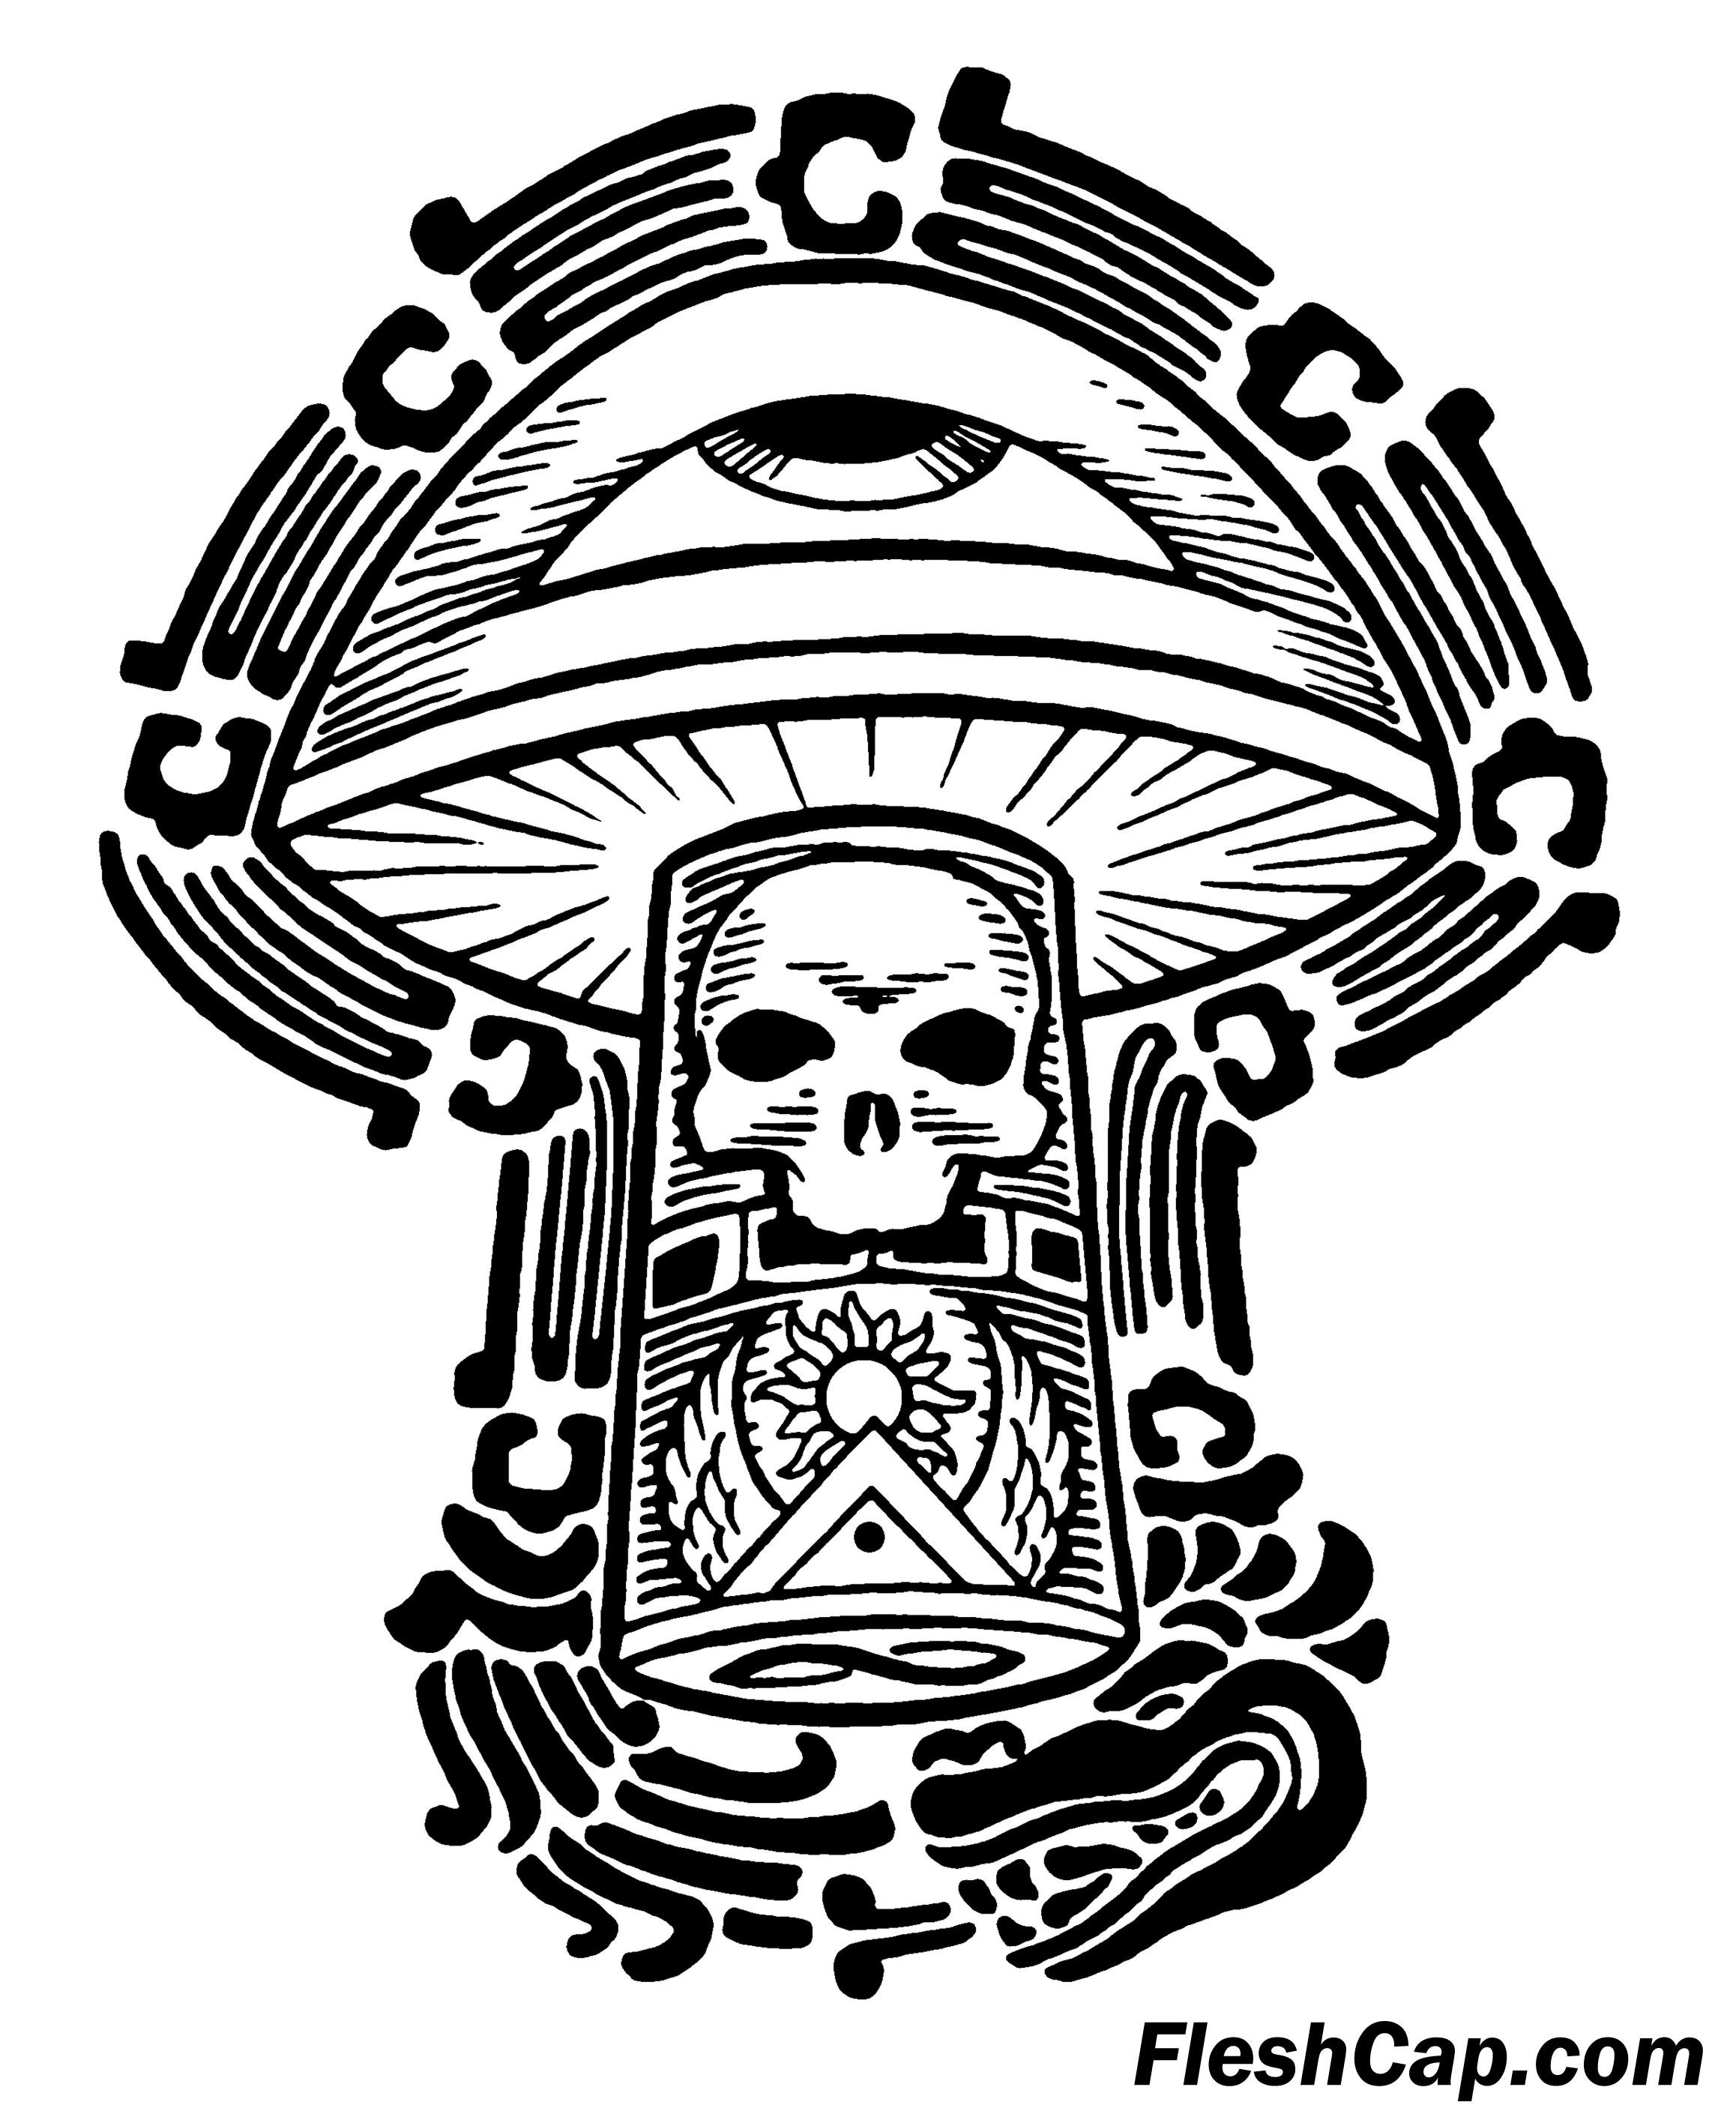 FleshCap Mushroom Icon